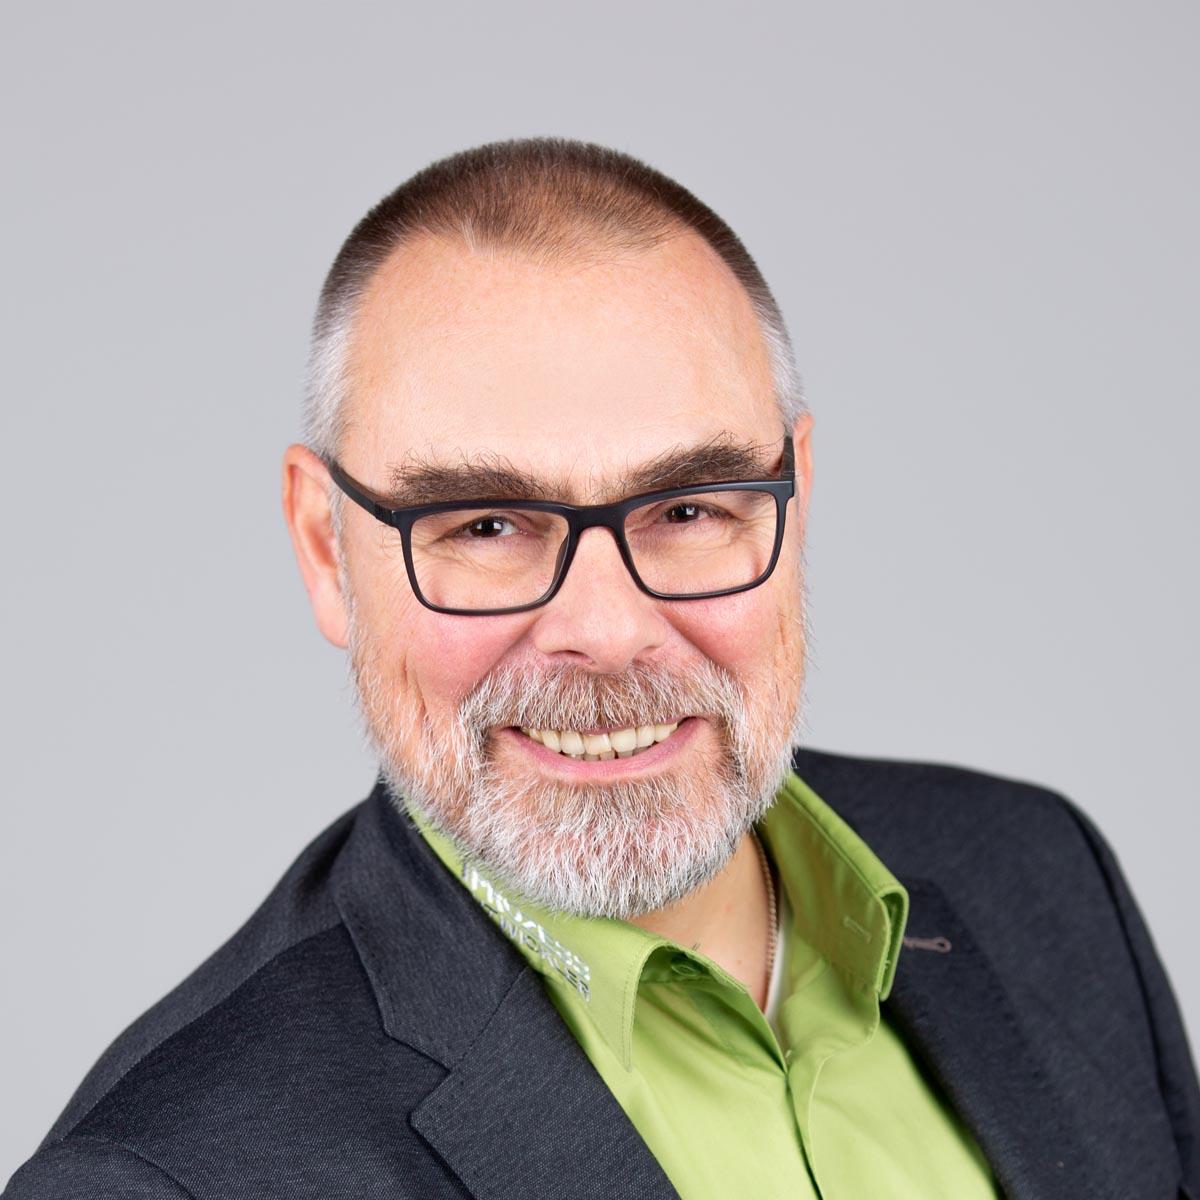 Christian Gerhards | Entwicklung und Beratung